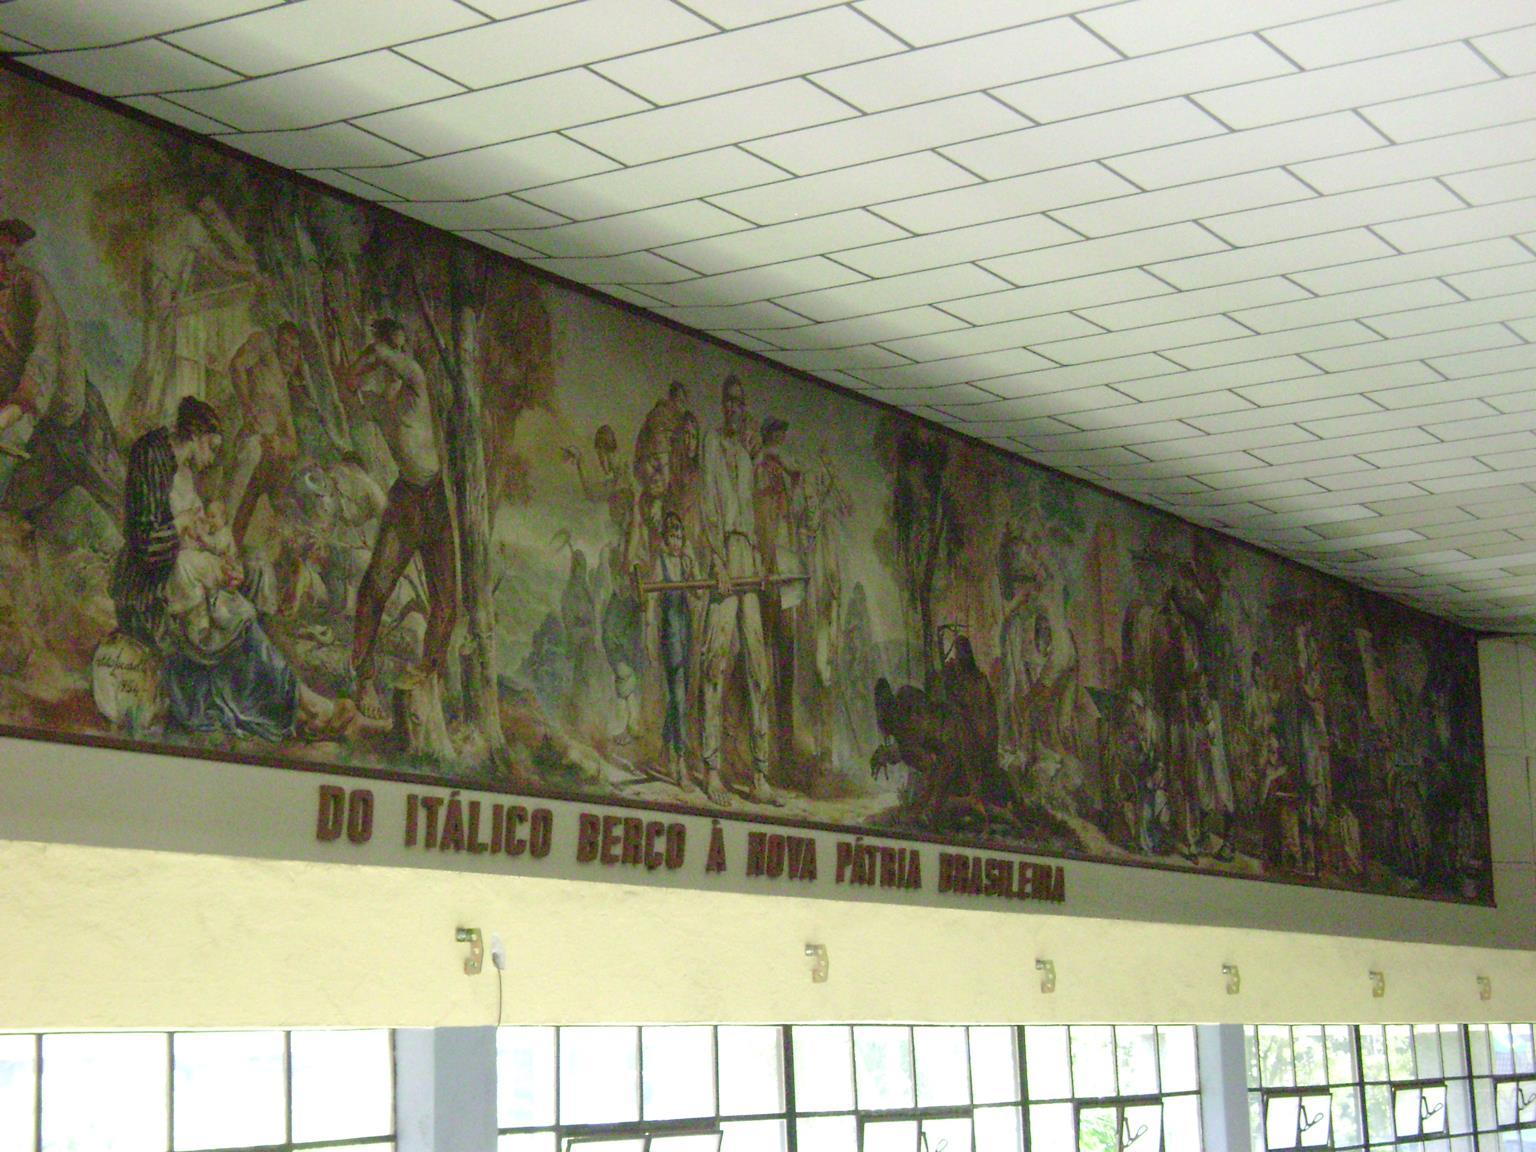 Painel de Aldo Locatelli, em Caxias do Sul